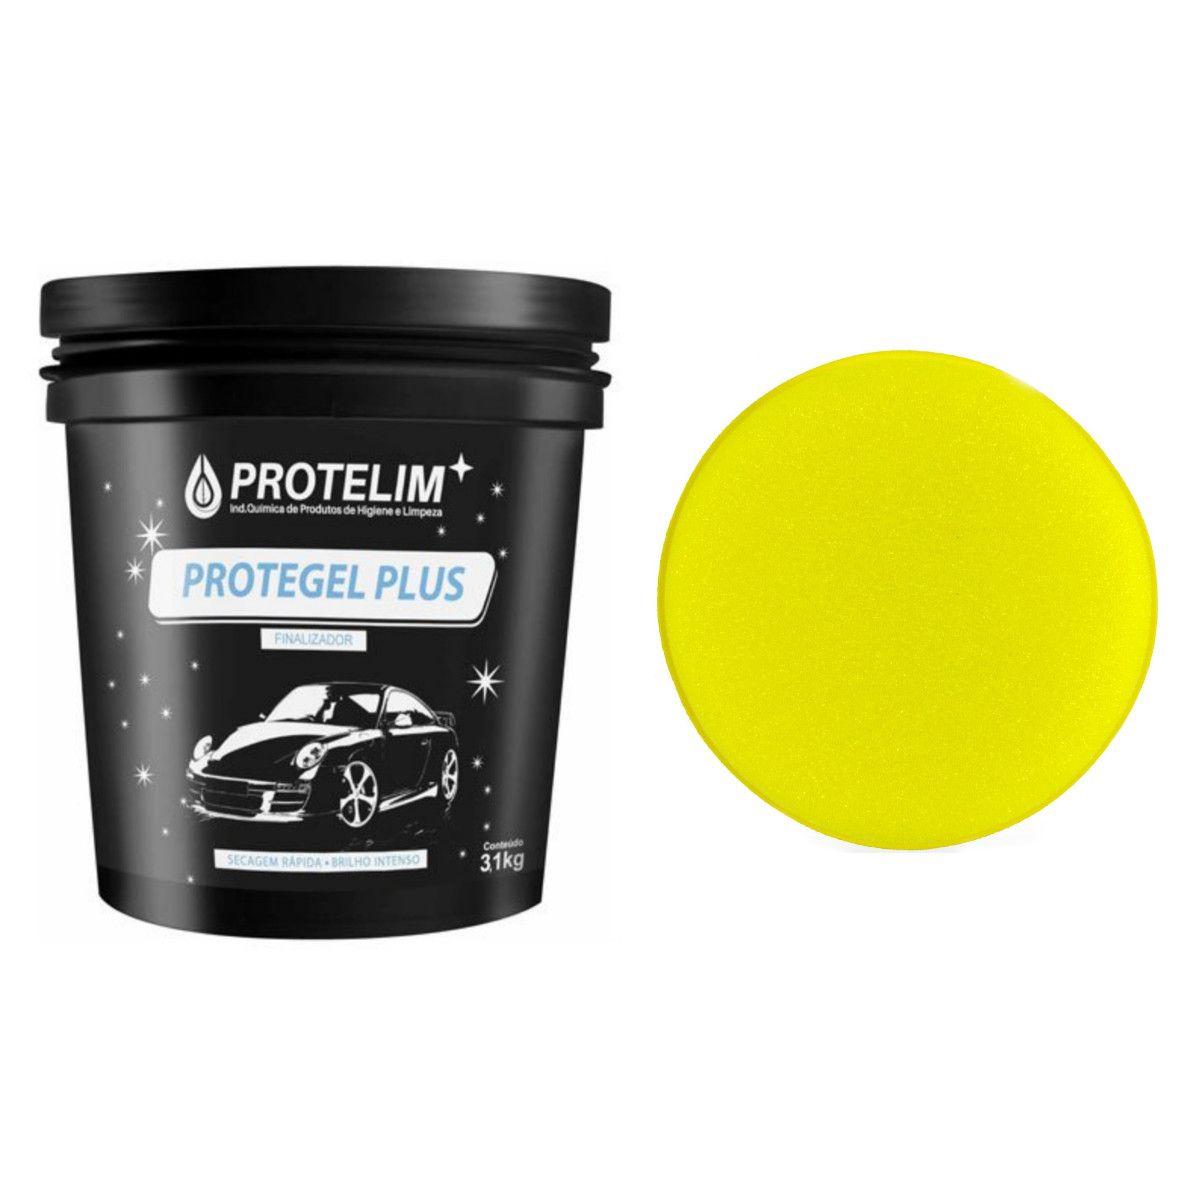 Protegel Plus 3.1kg Protelim Brinde Espuma Aplicadora